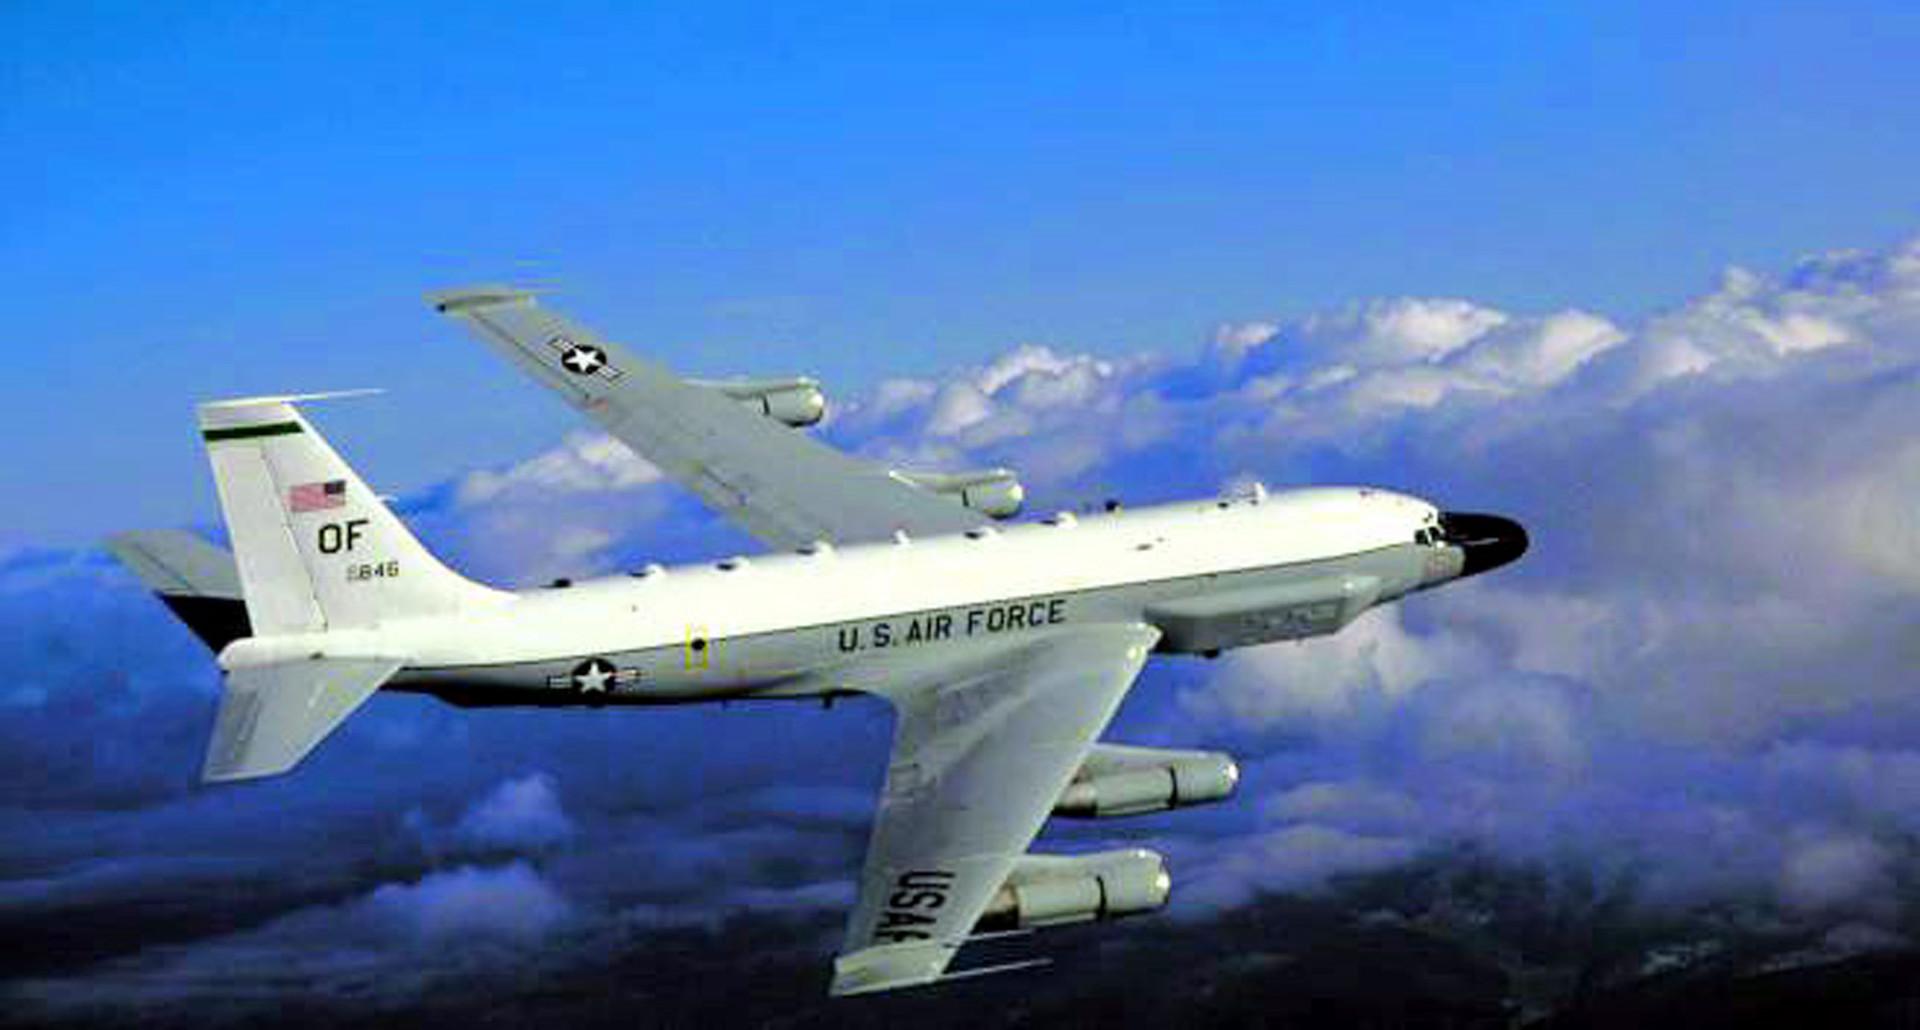 Zwischenfall  über Japanischem Meer: Lufthansa-Jet muss nicht-identifiziertem Flugzeug ausweichen